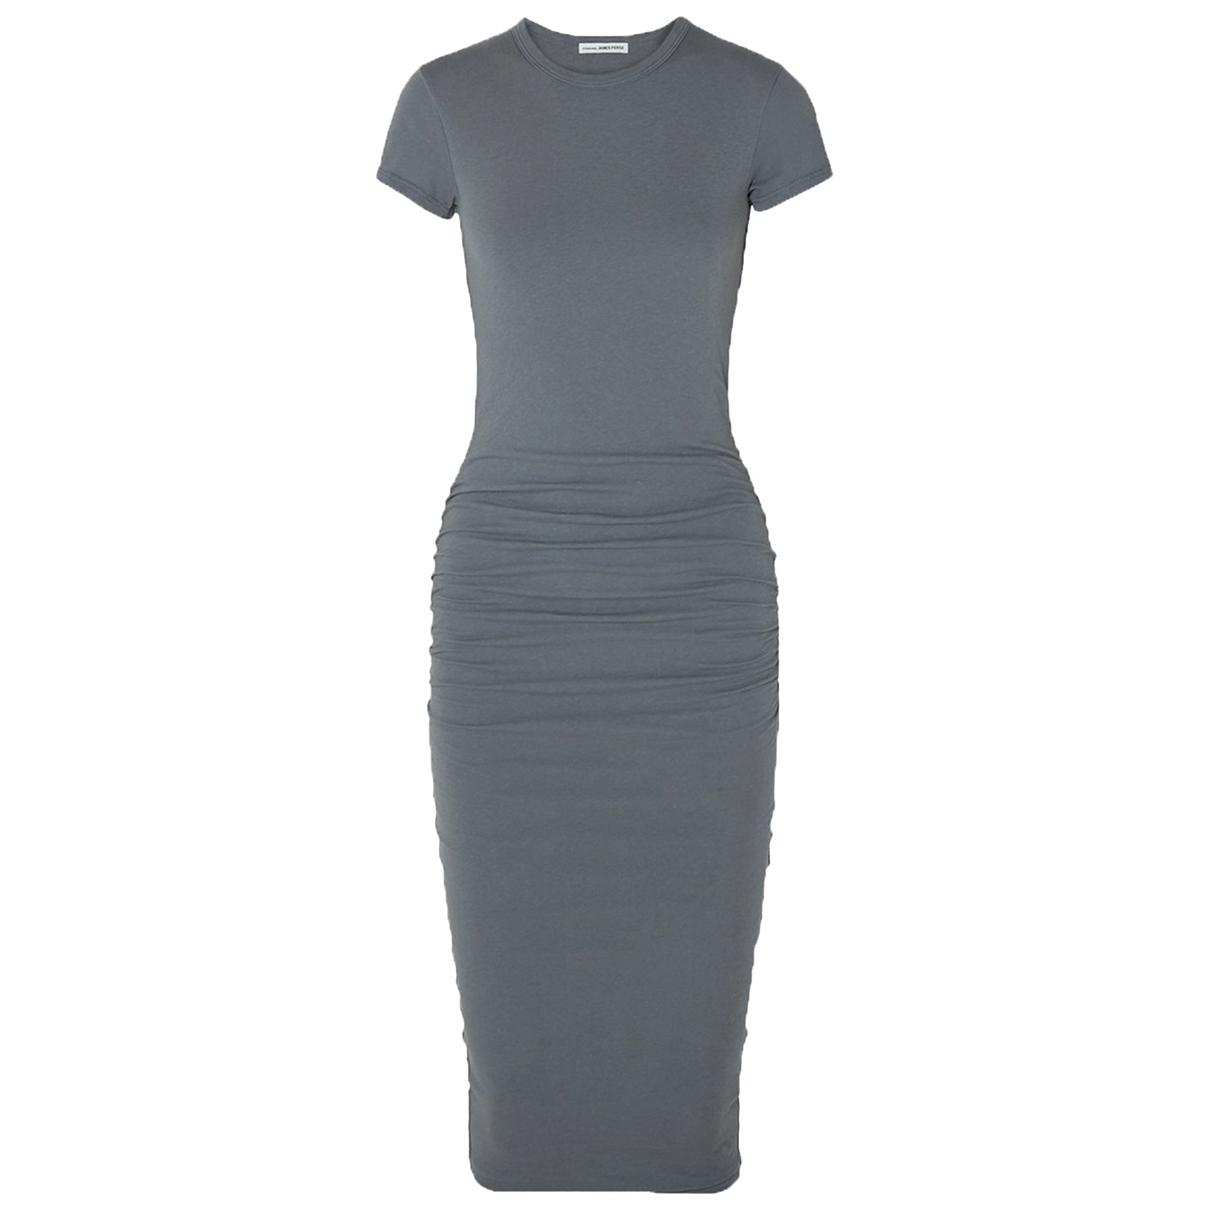 James Perse \N Kleid in  Grau Baumwolle